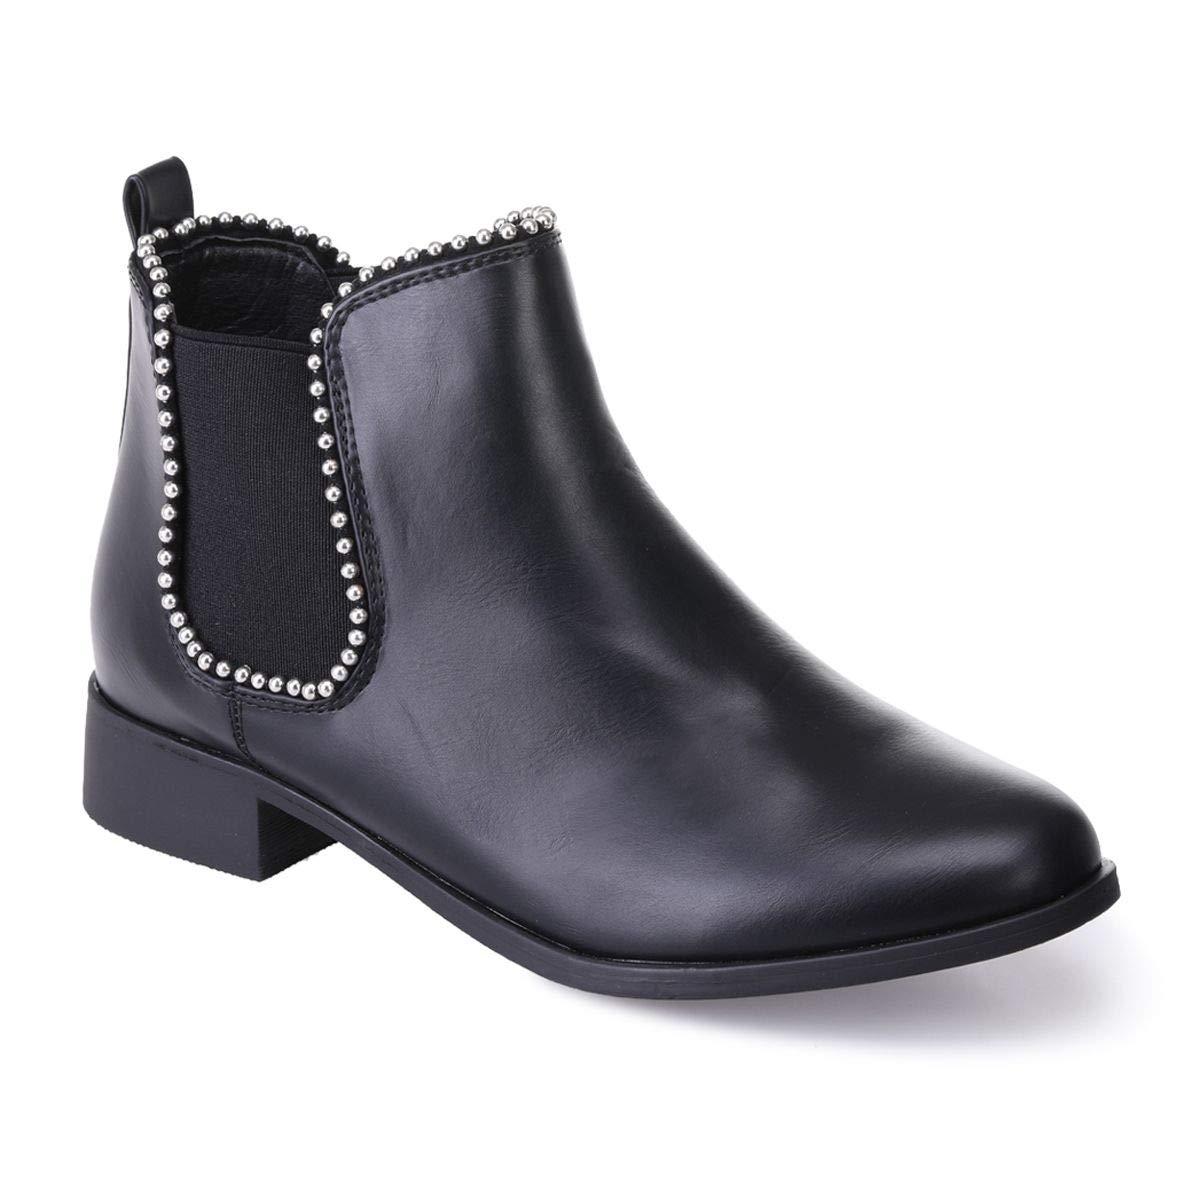 La Noir Simili Modeuse - Chelsea Boots en Simili à Cuir à Bout Rond et Talon carré Noir cab191a - reprogrammed.space